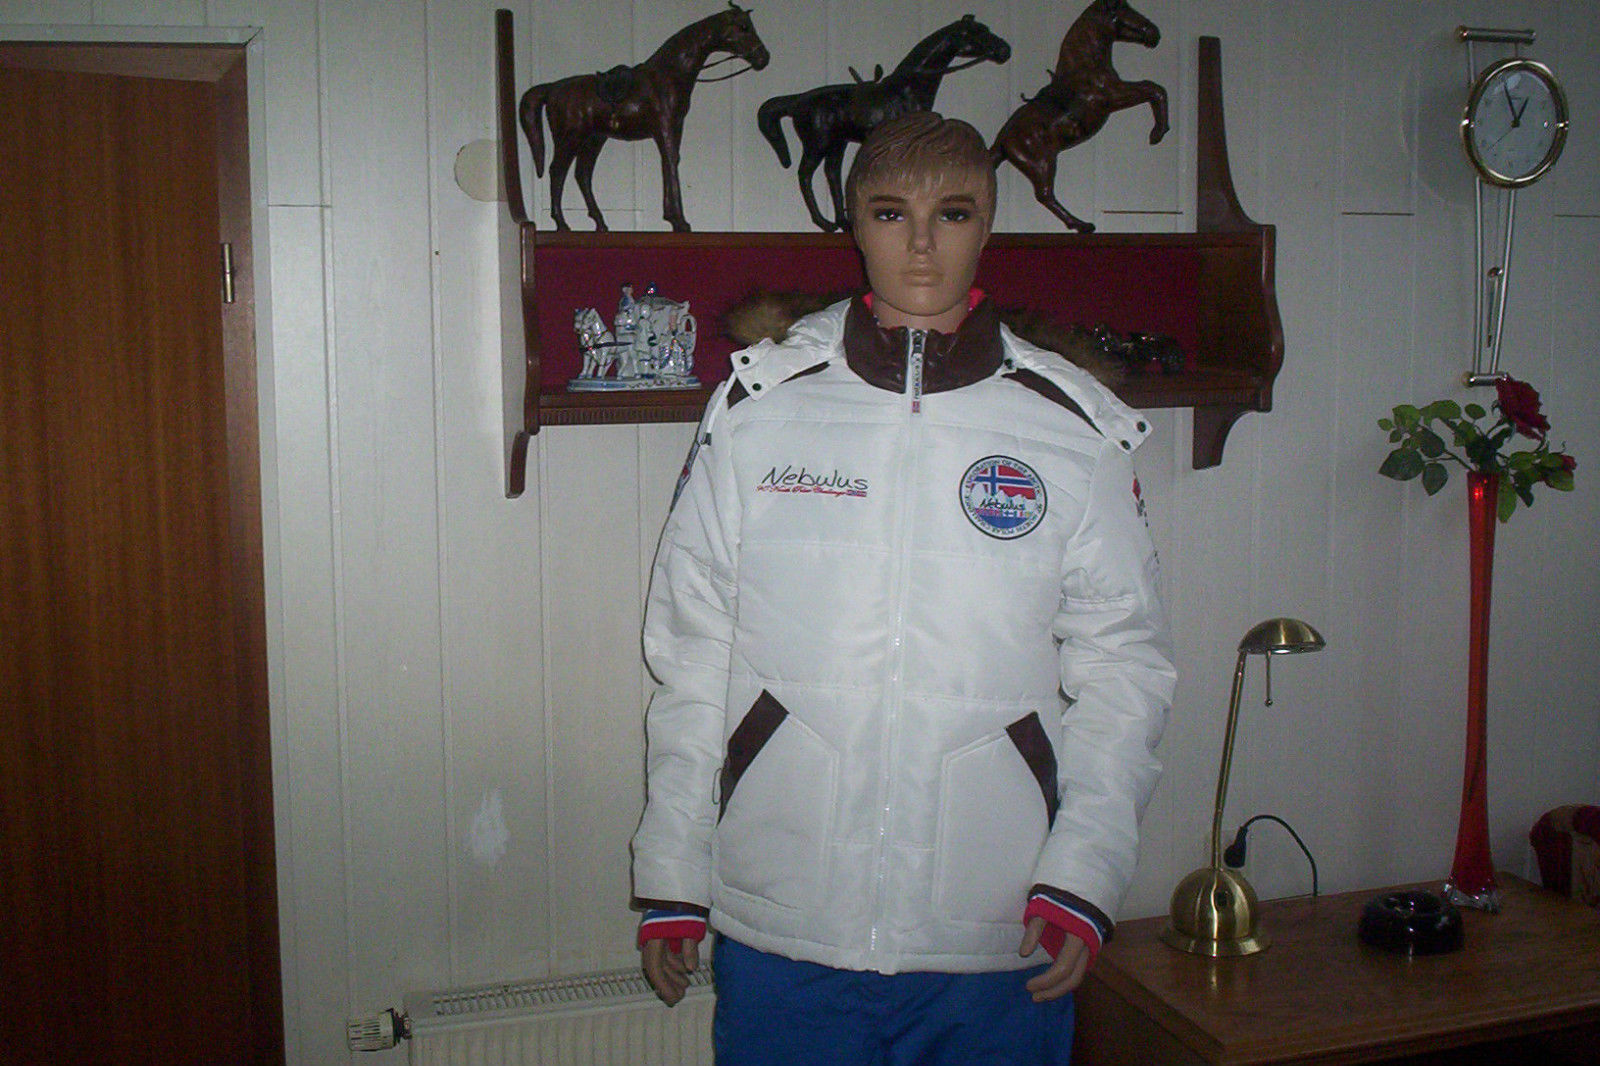 Giacca Sci Taglia XXL Uomo Giacca Invernale Design Nebulus nuovo norvegesi Cappuccio